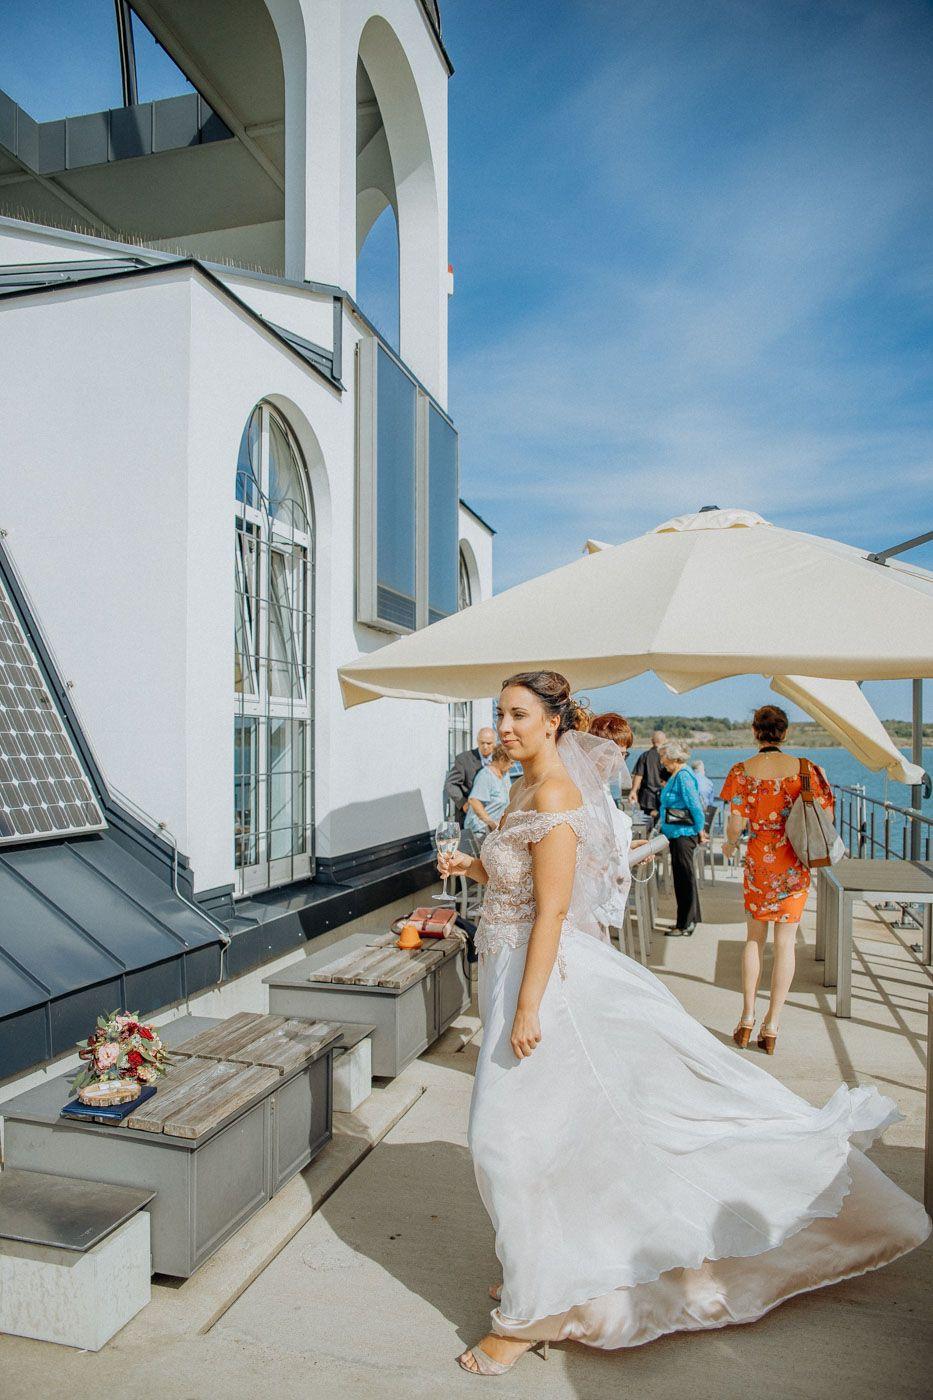 Hochzeit Auf Der Vineta Bei Leipzig Hochzeitsfotografie Hochzeitsfotograf Anne Kramer Hochzeitsfotografie Hochzeitsfotograf Fotografin